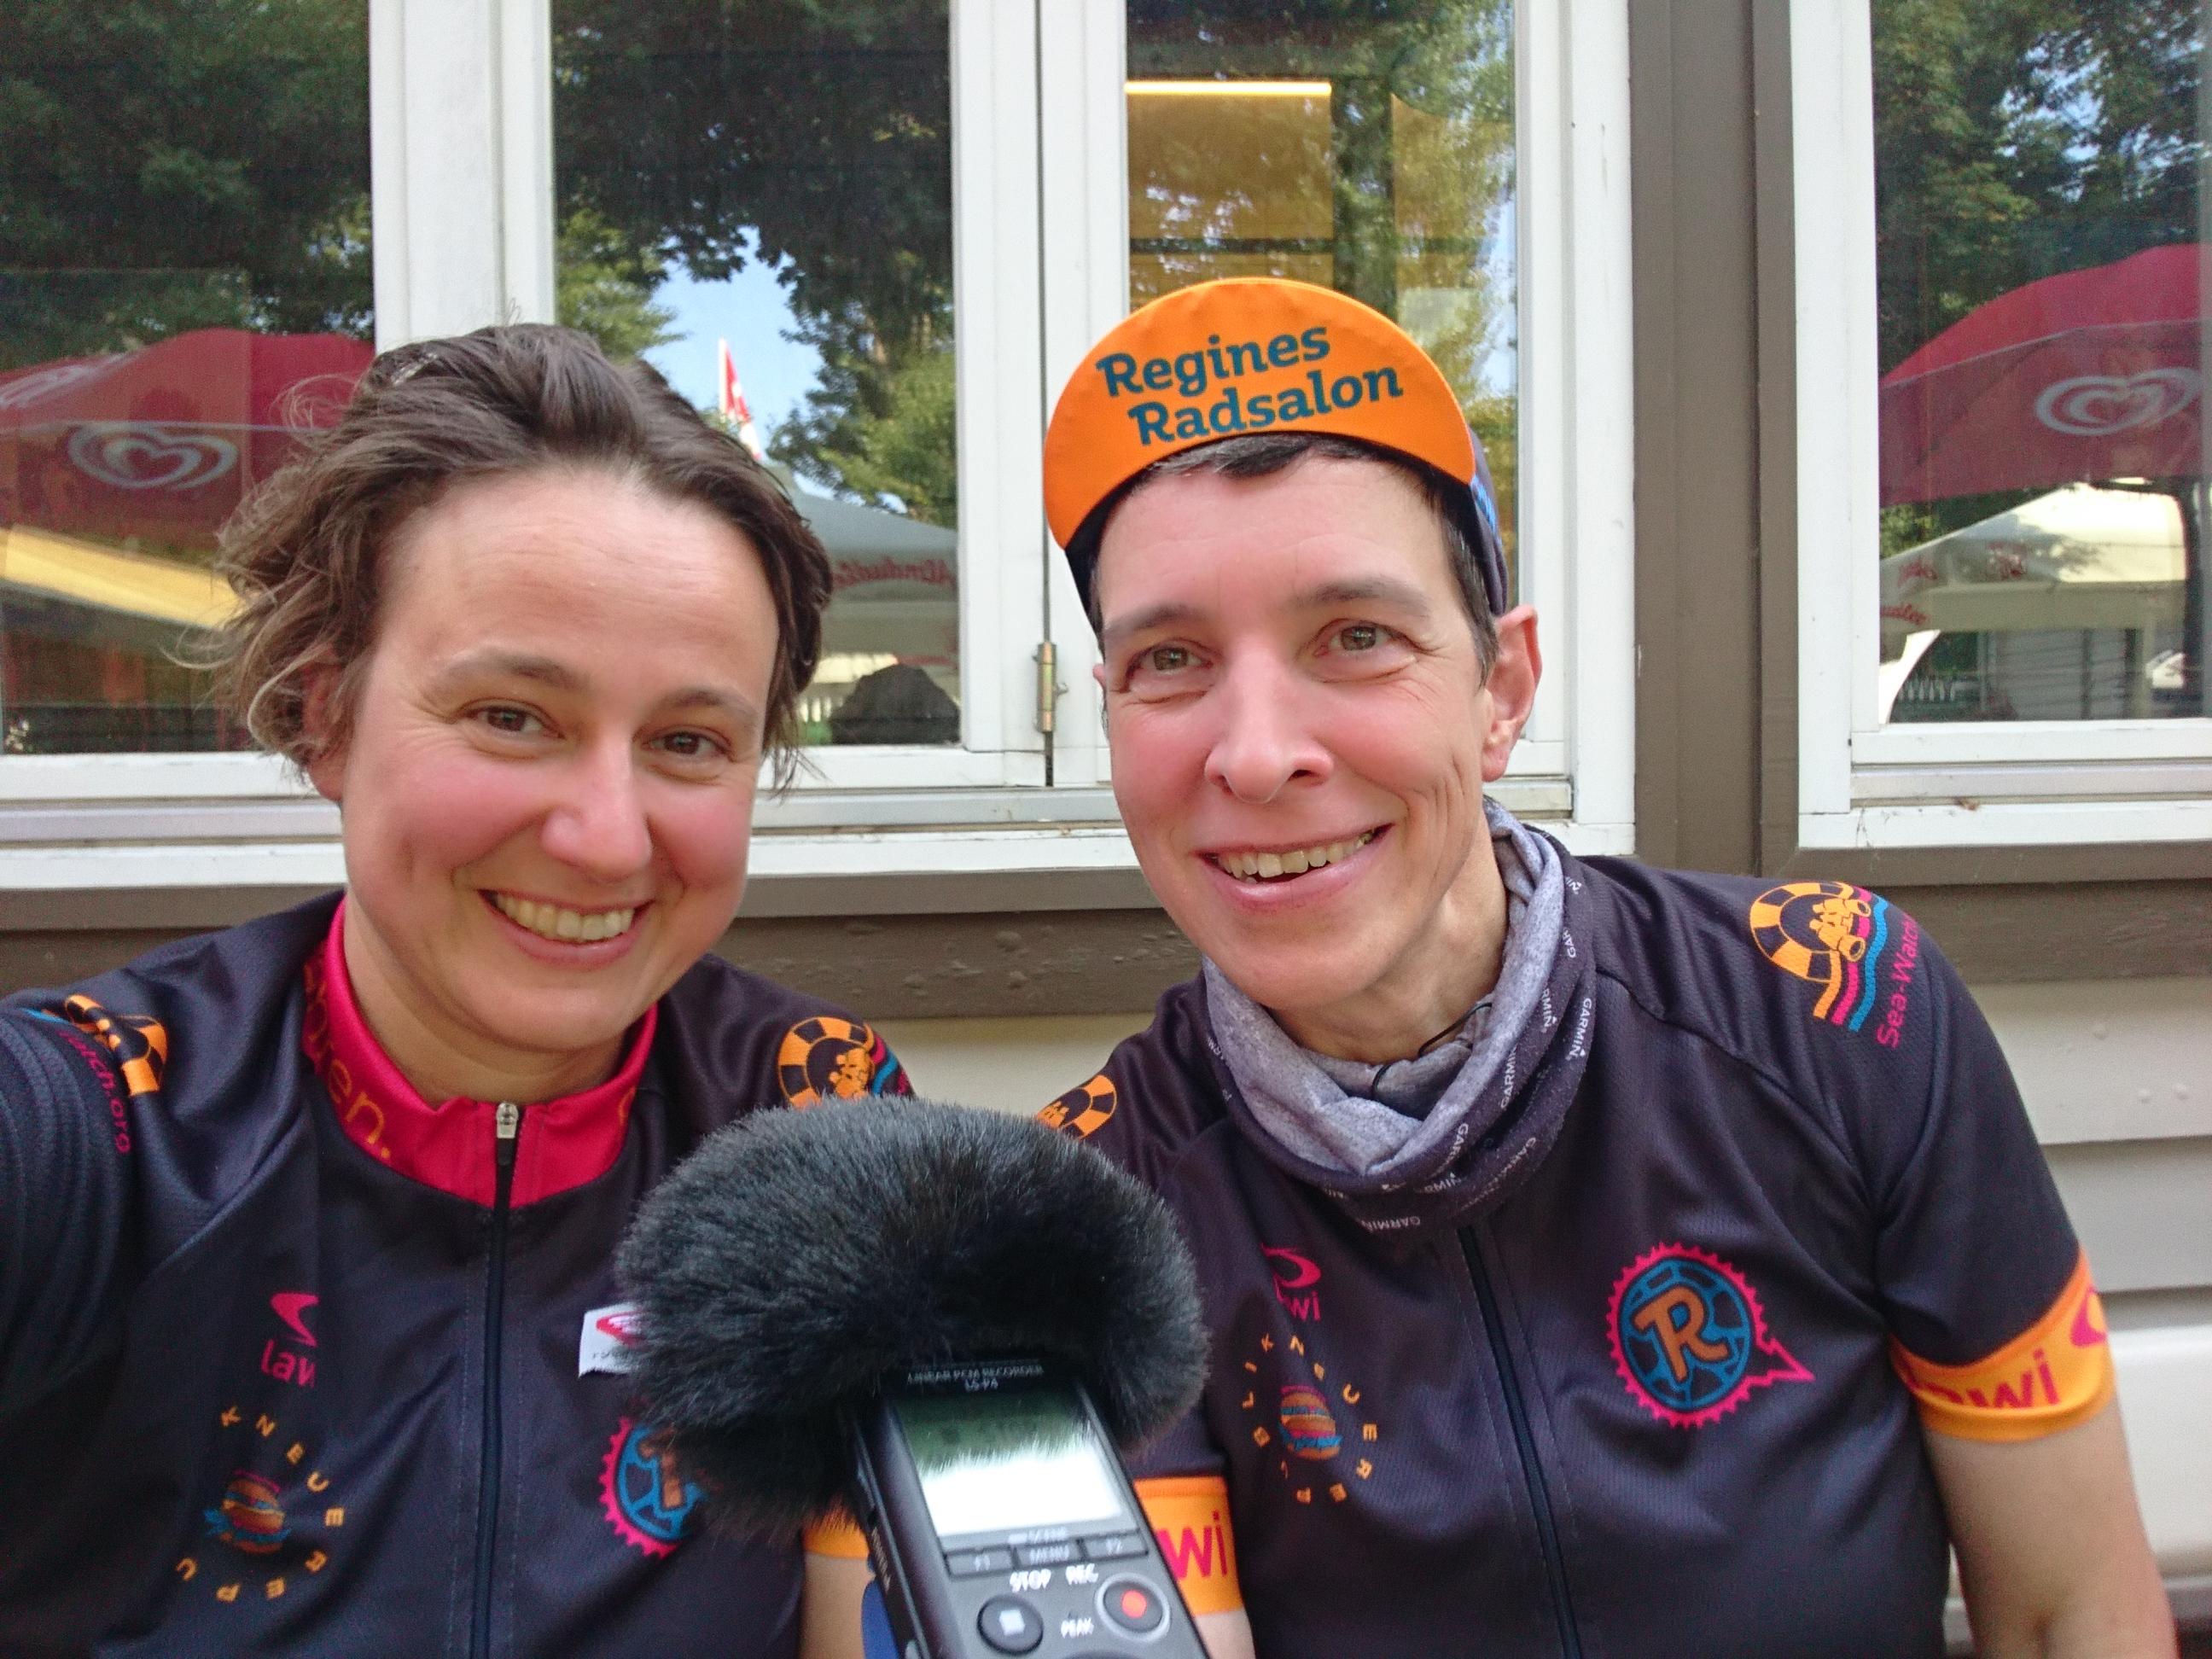 Cornelia Brückner und Regine Heidorn, im Vordergrund ein Mikrofon